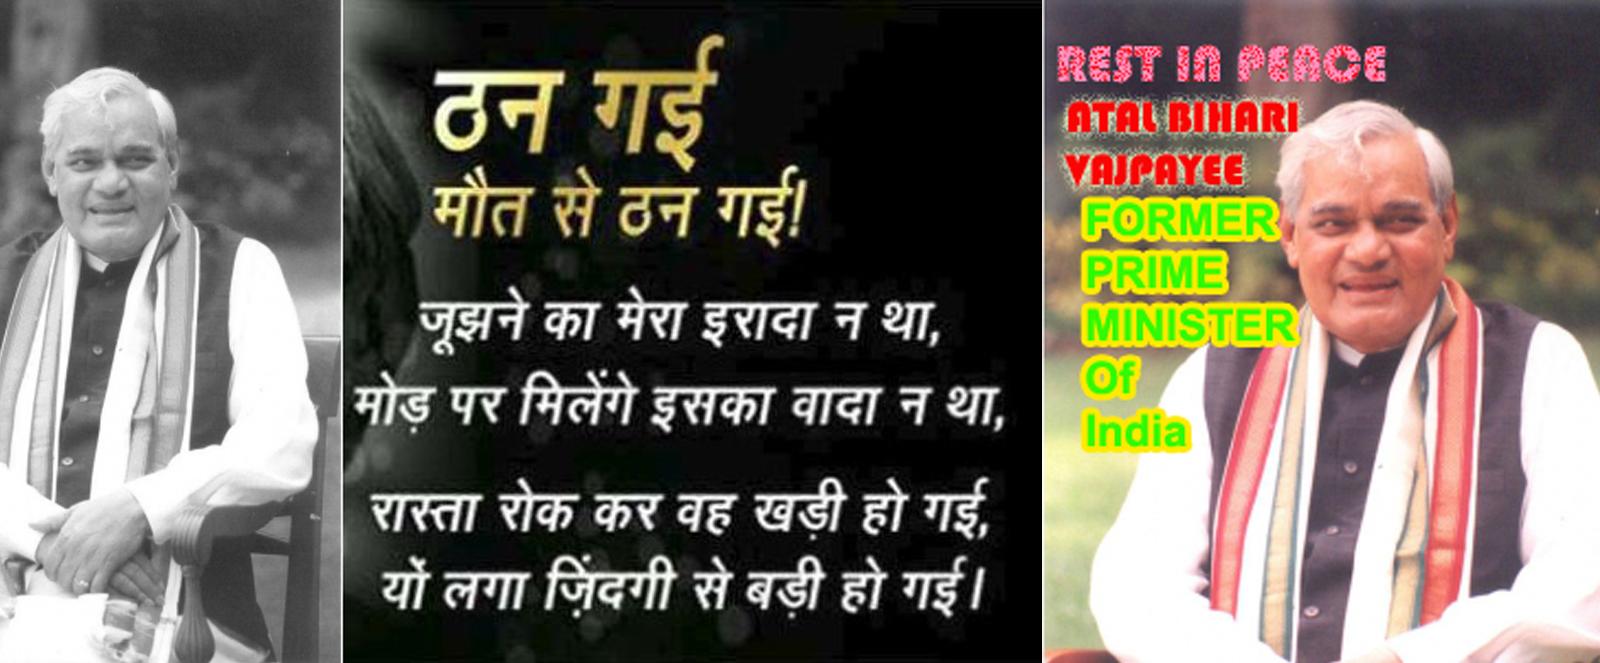 Atal Bihari Vajpayee former prime minister of India